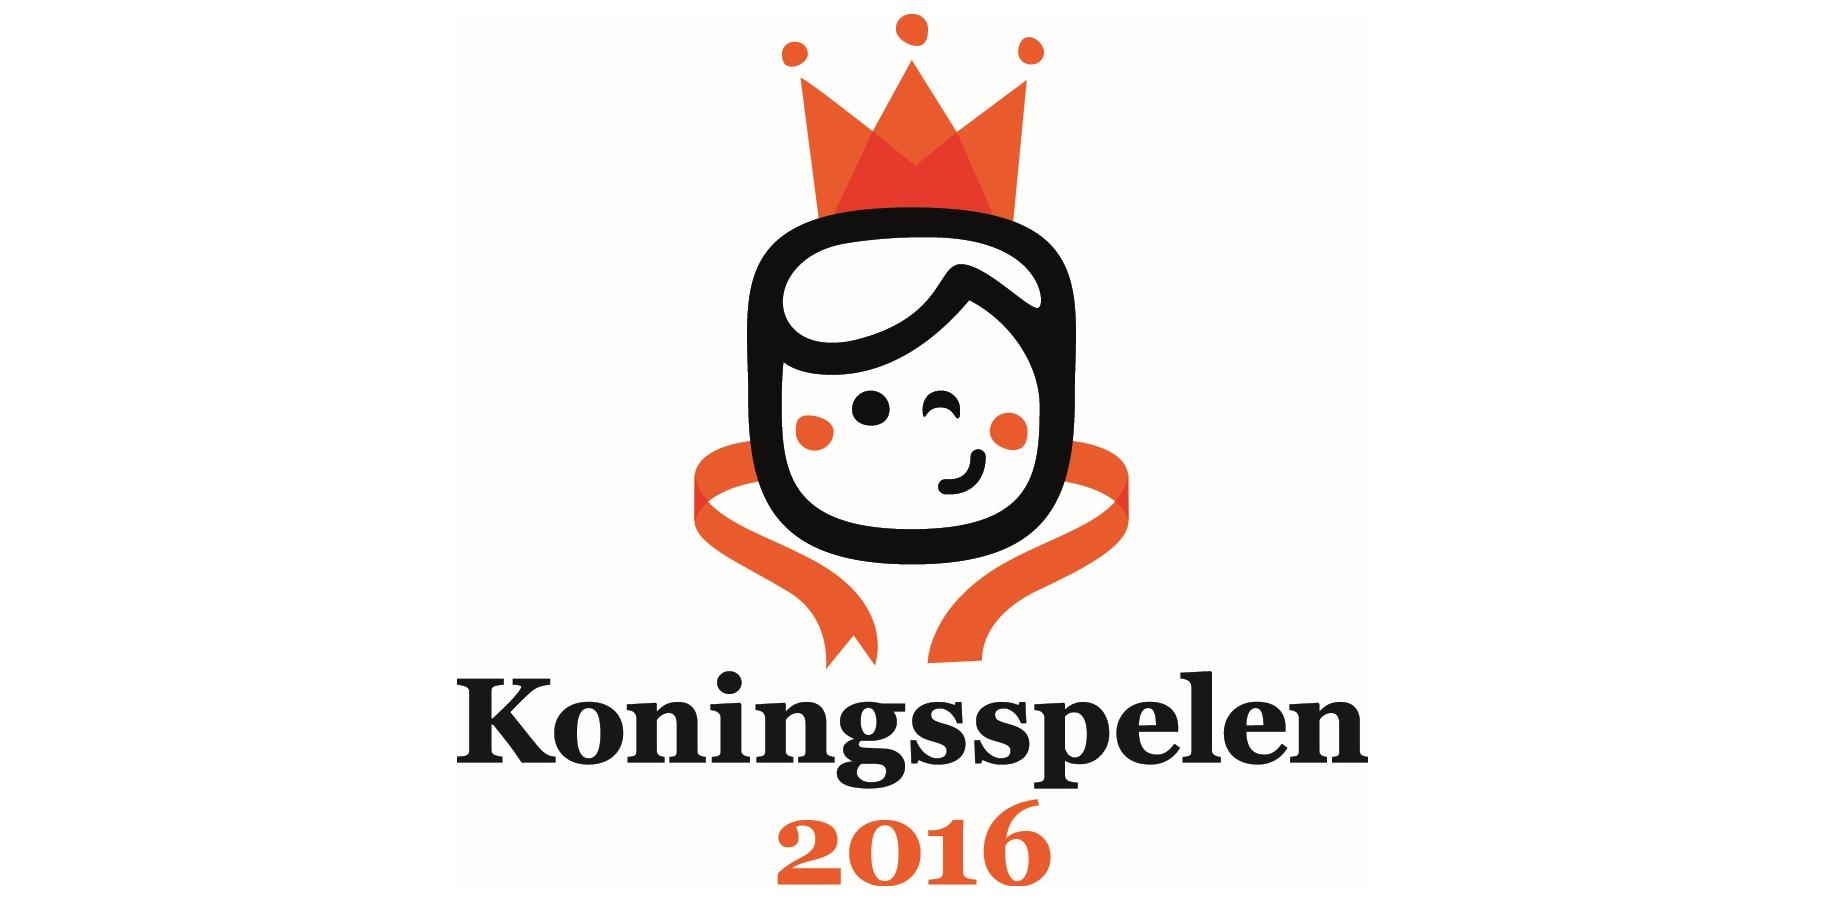 koningsspelen 2016